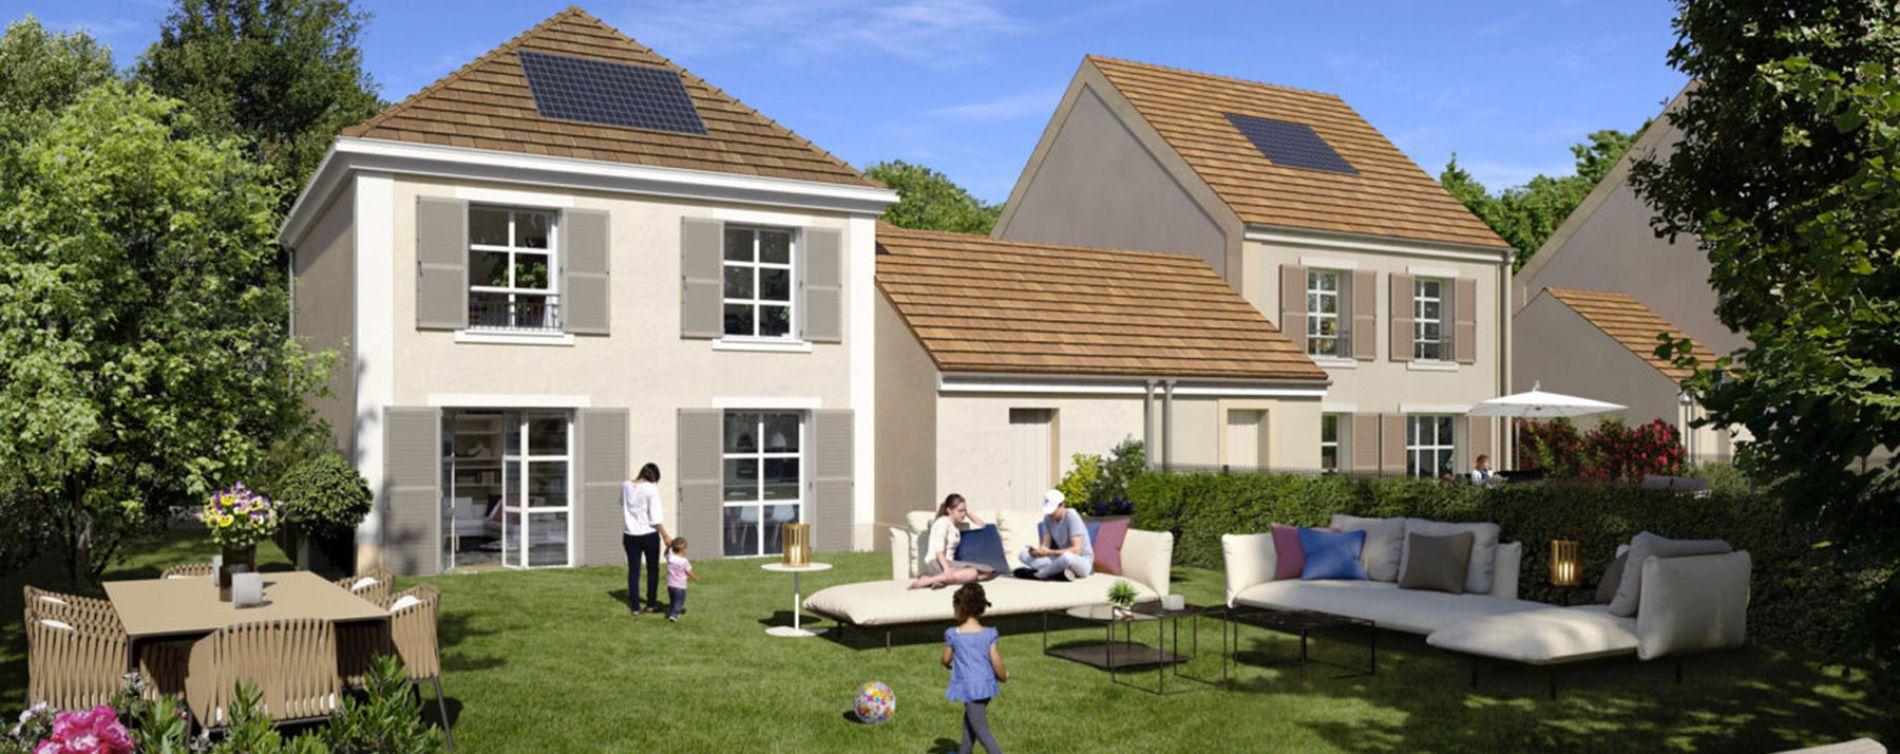 Le Mée-sur-Seine : programme immobilier neuve « Programme immobilier n°219354 » en Loi Pinel (3)